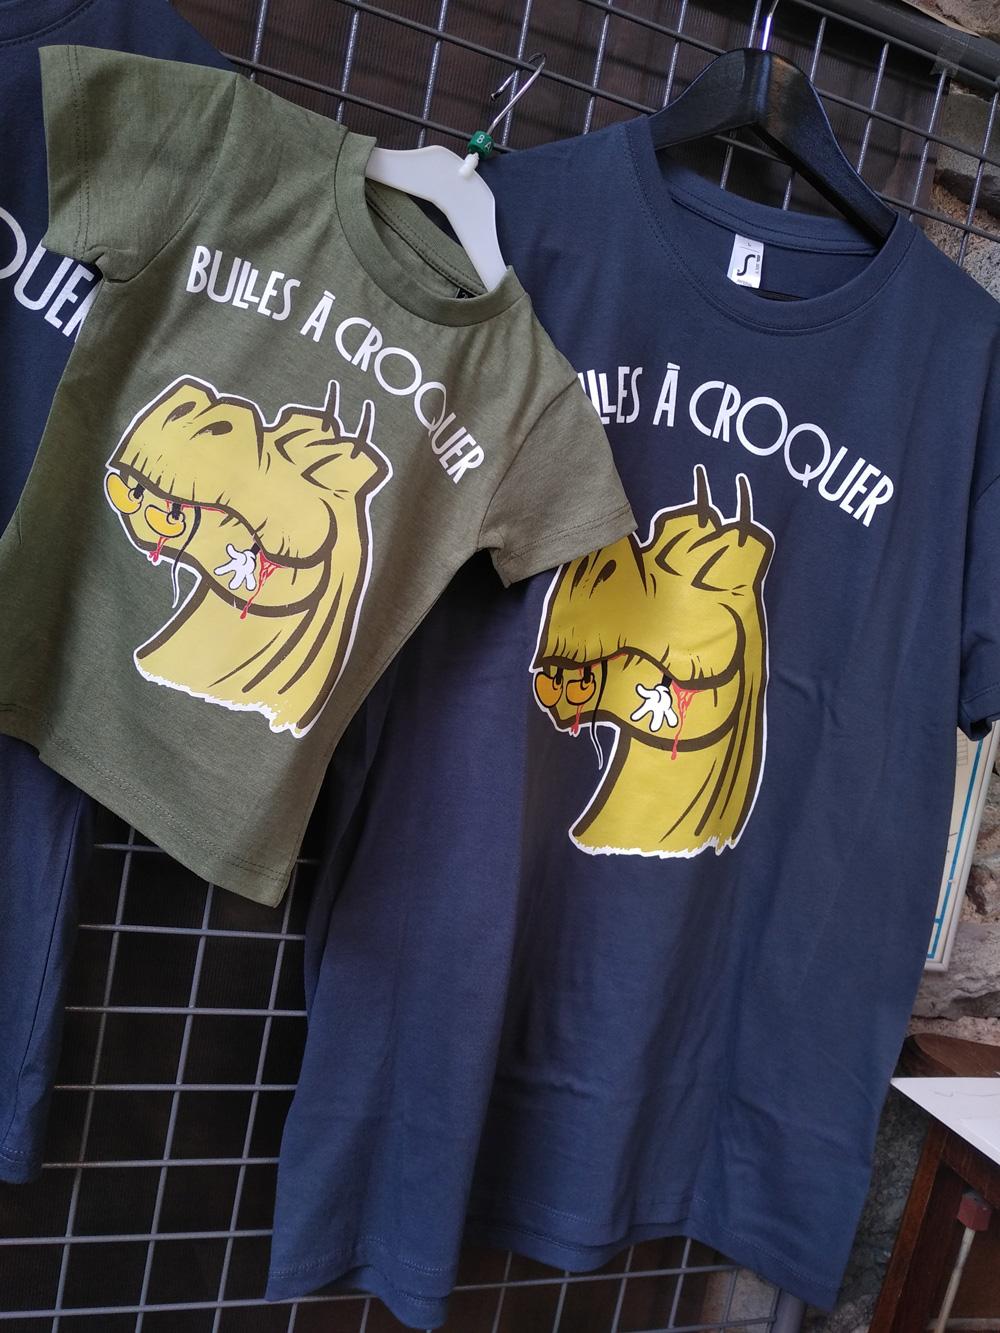 Les T-shirts Bulles à Croquer